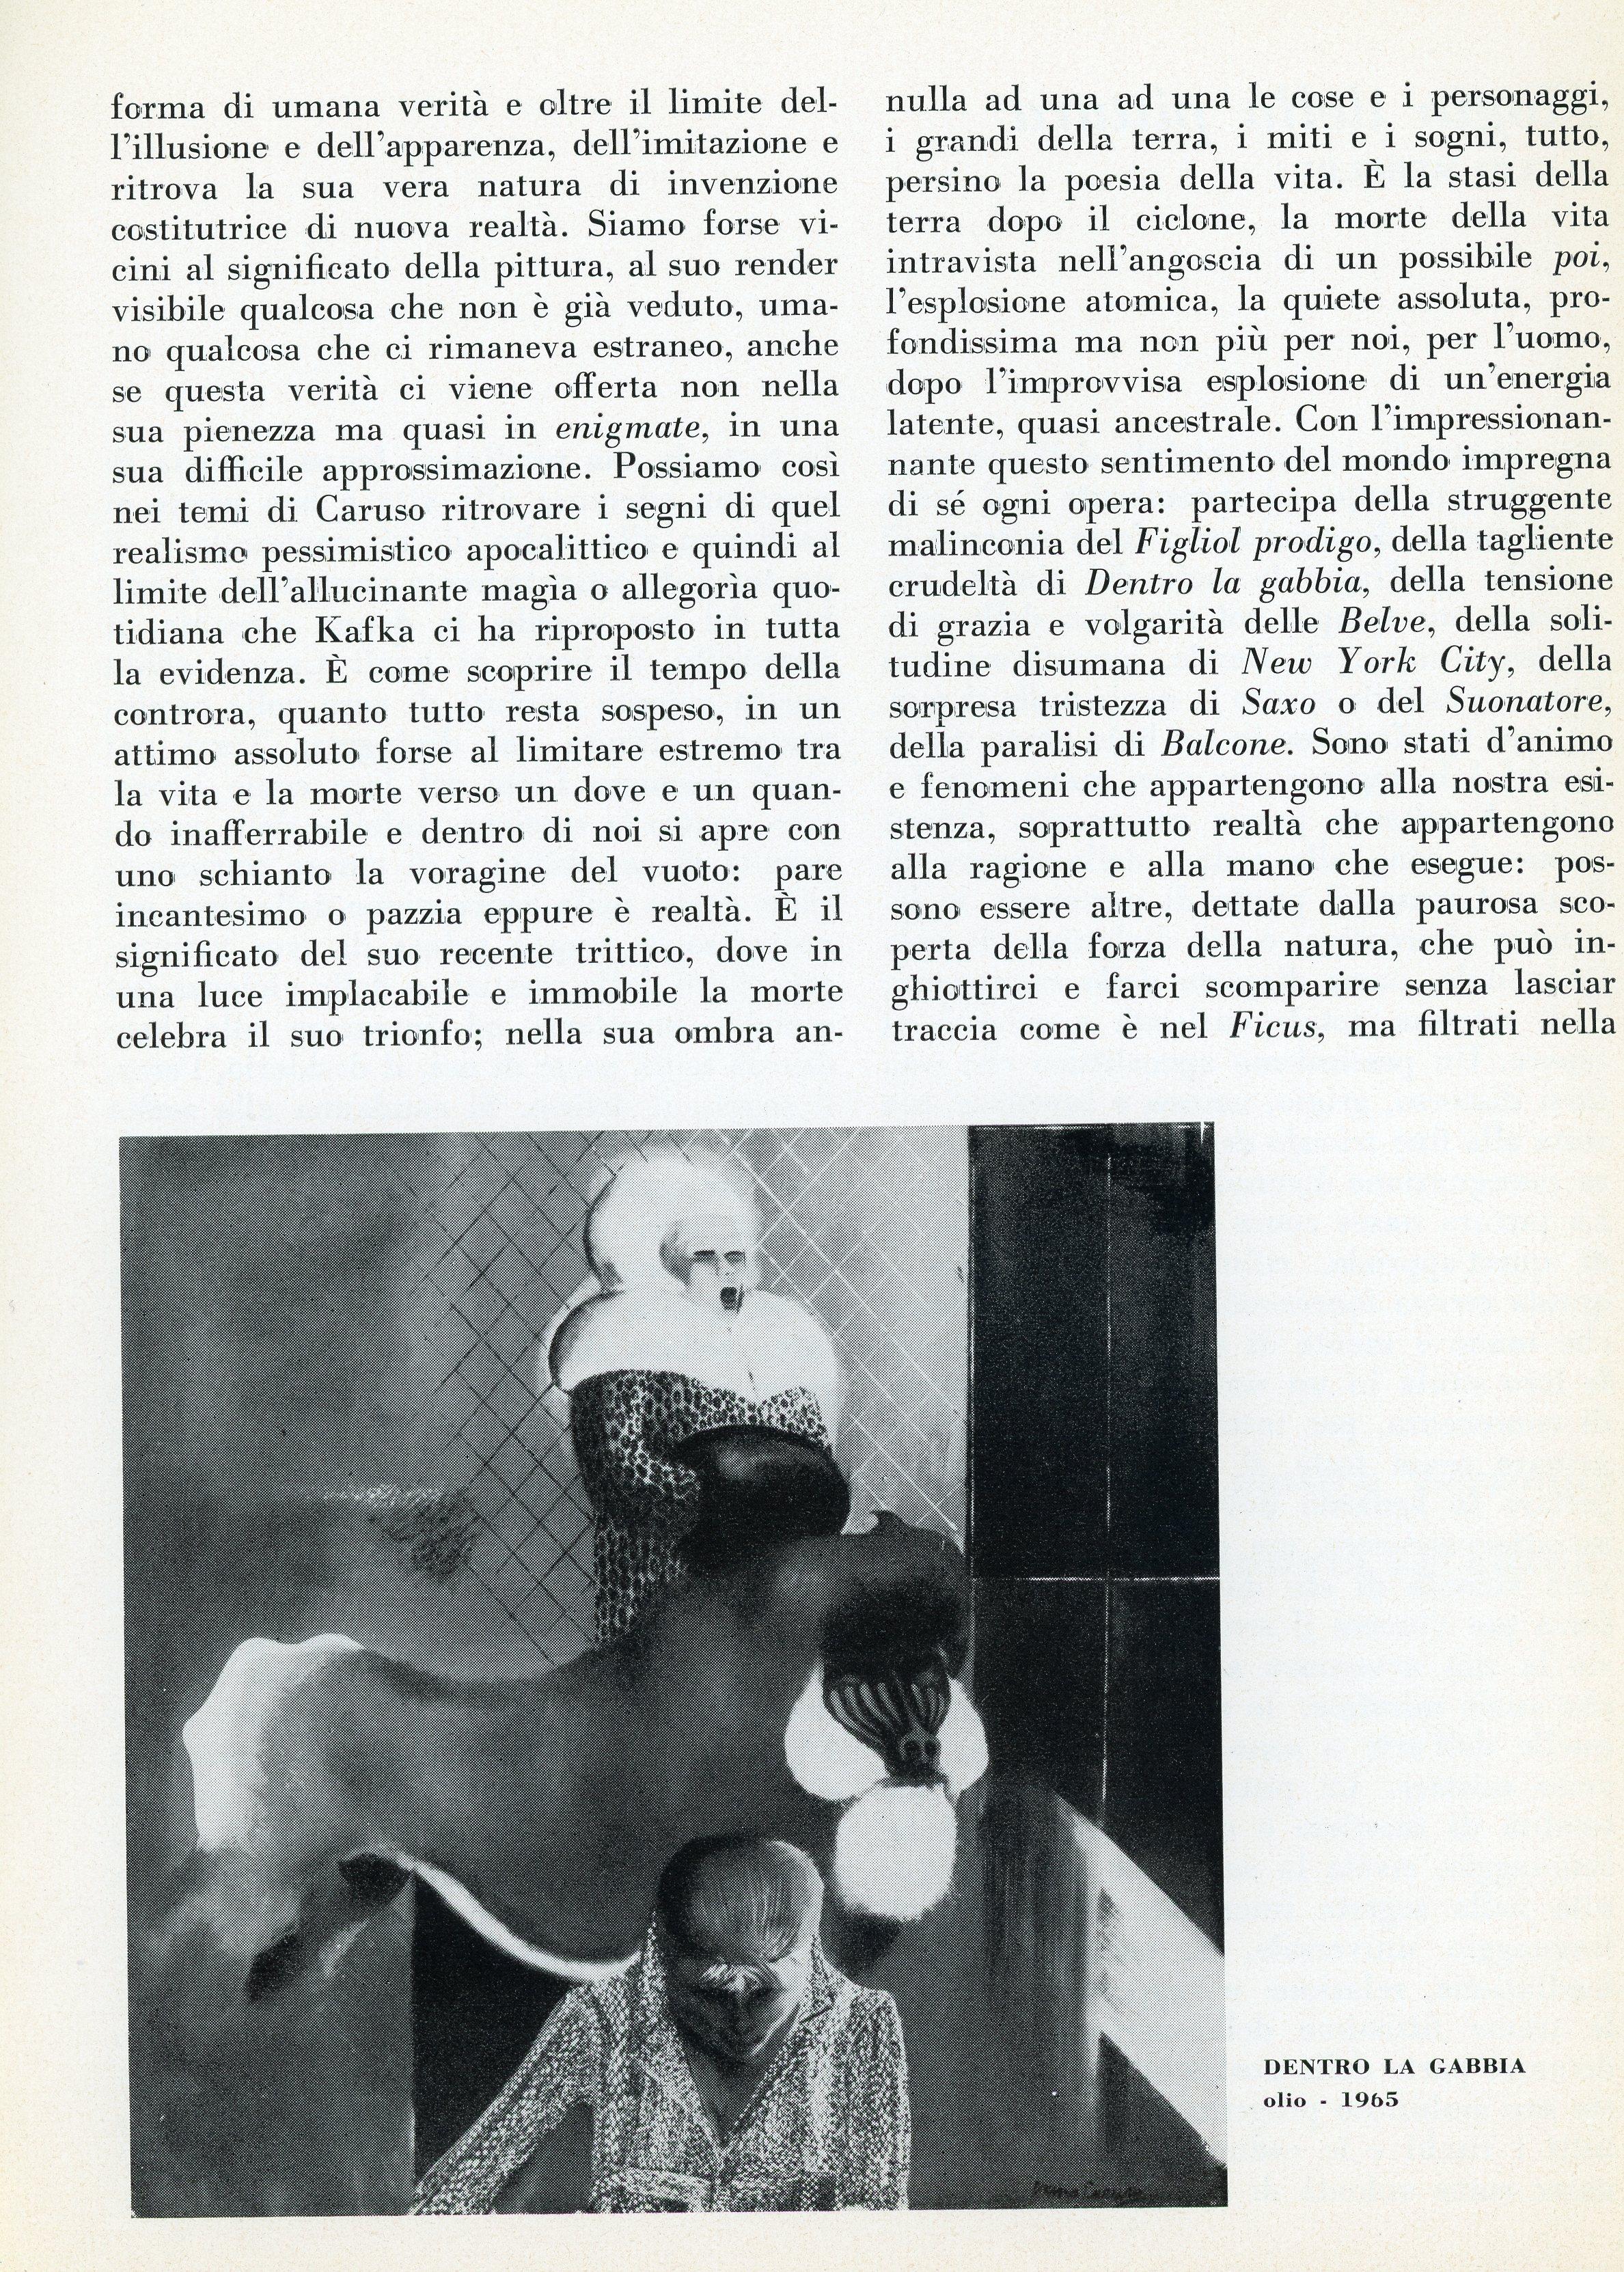 1966-06 La Pavona - Bruno Caruso_04.jpg